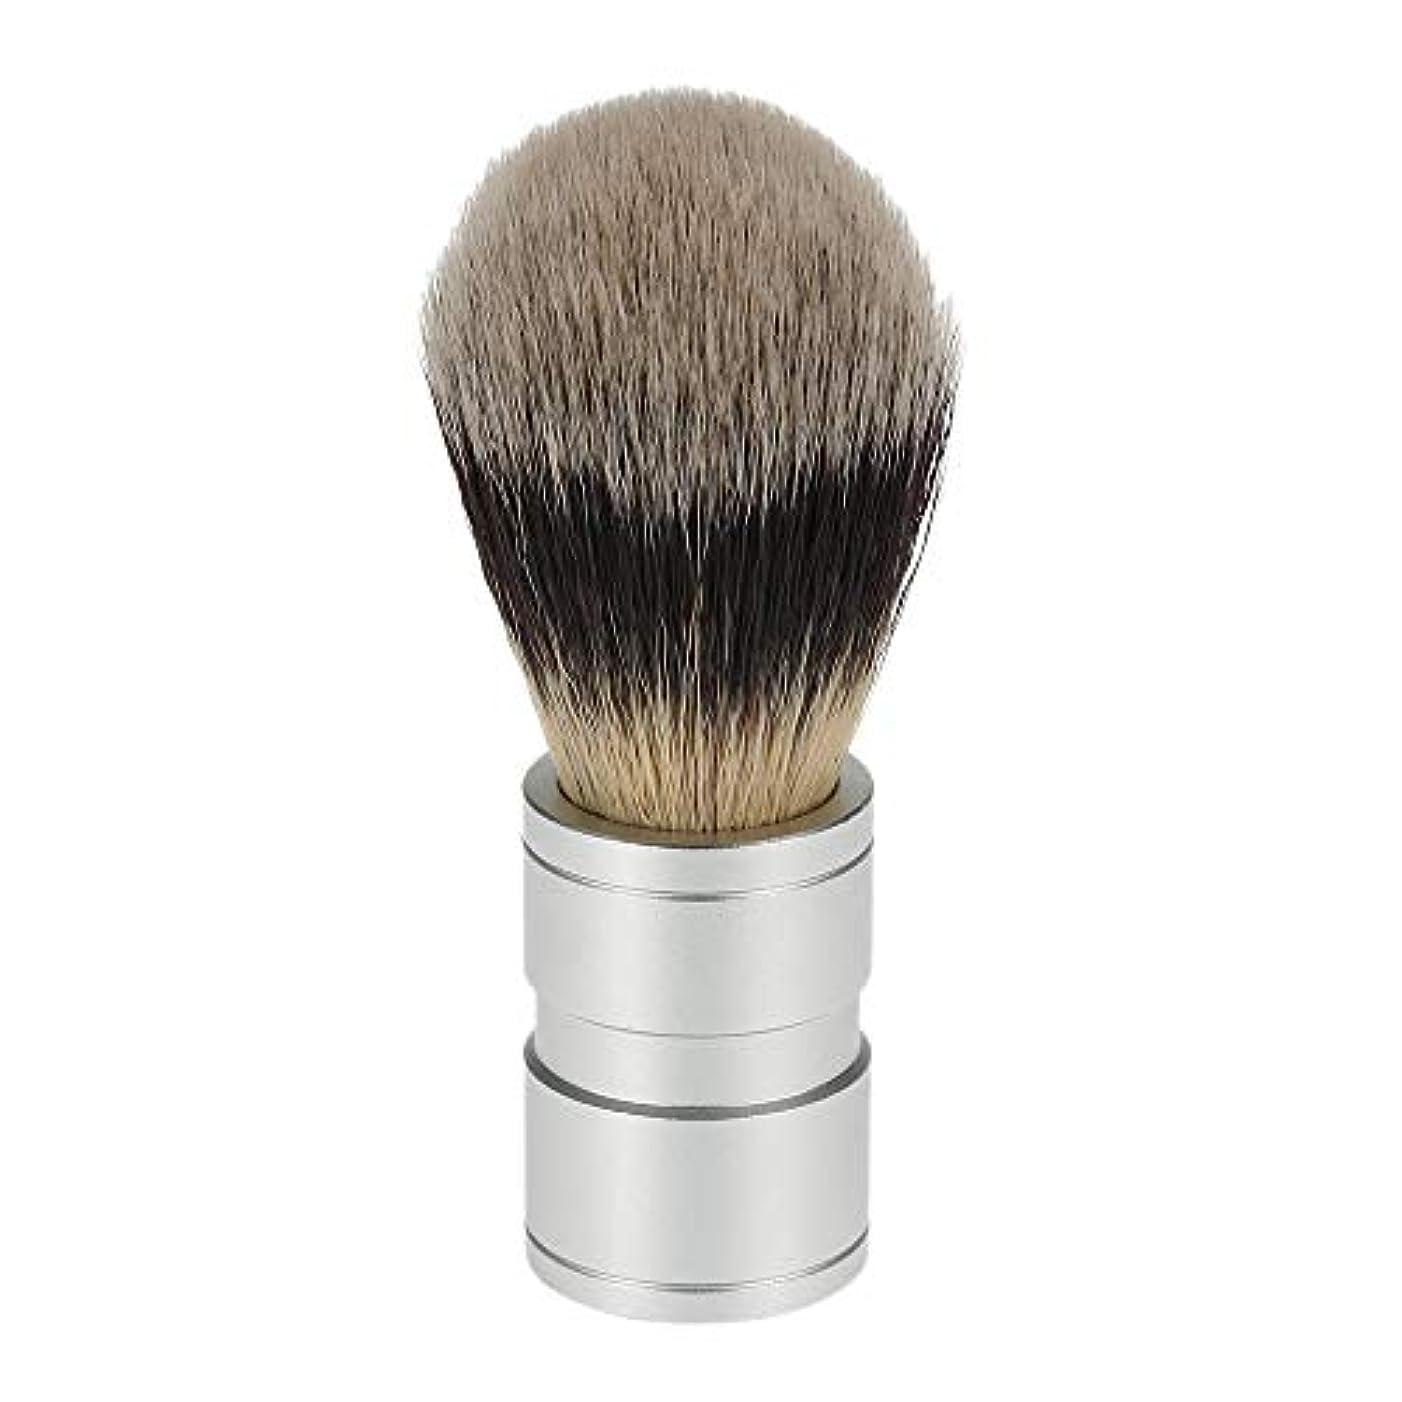 あいまいさパスポート不安RETYLY 1ピース 男性のヘアシェービングブラシ ステンレス金属ハンドル ソフト合成ナイロンヘア理髪ブラシ 快適な ひげ剃りツール